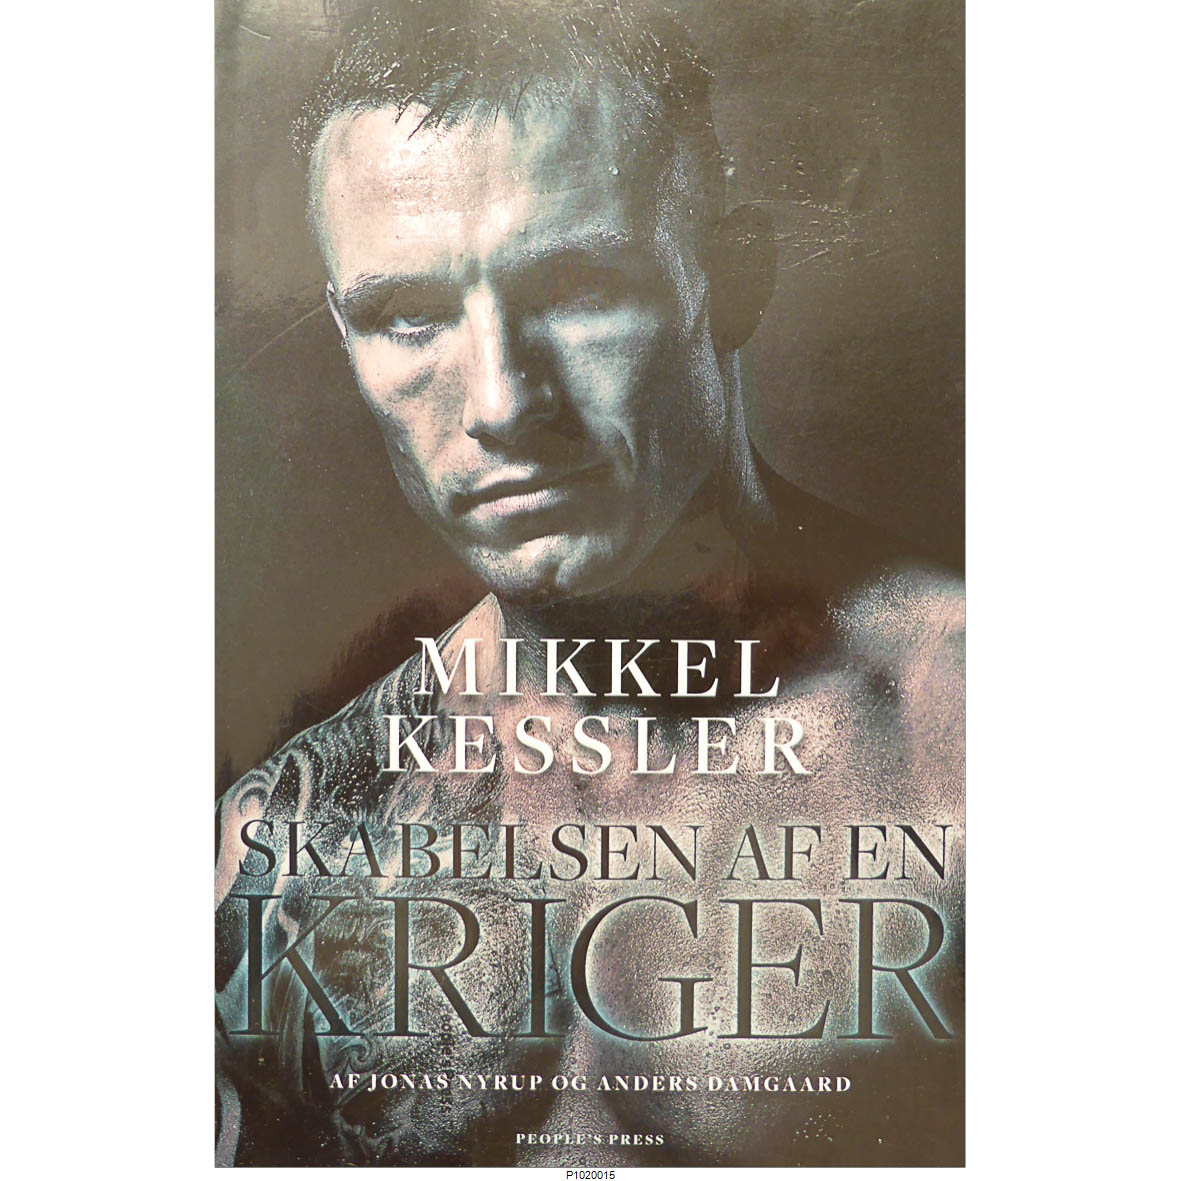 Mikkel Kessler - Skabelsen af en kriger